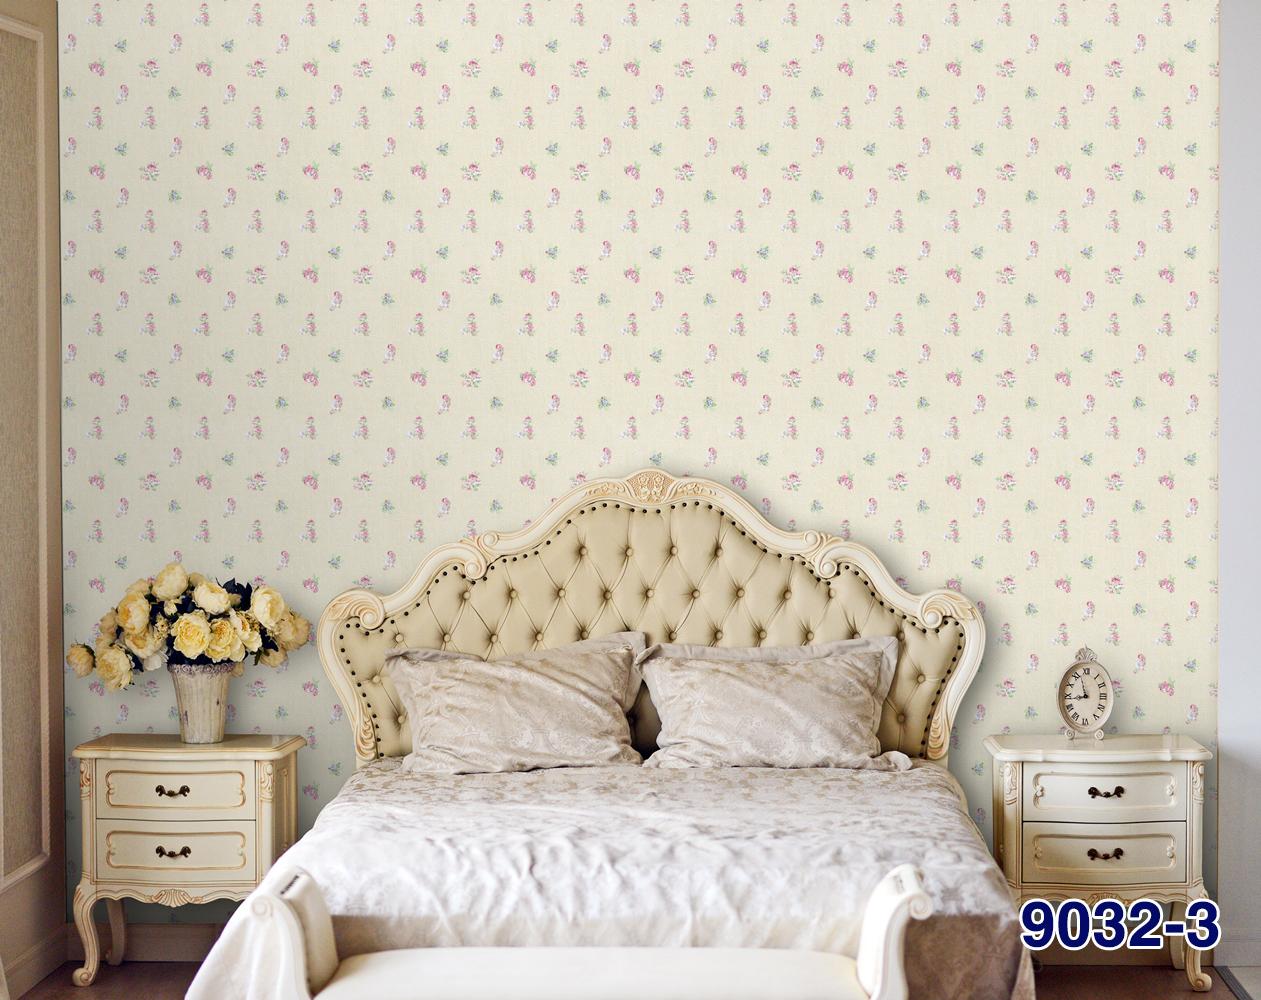 giay-dan-tuong-9032-3